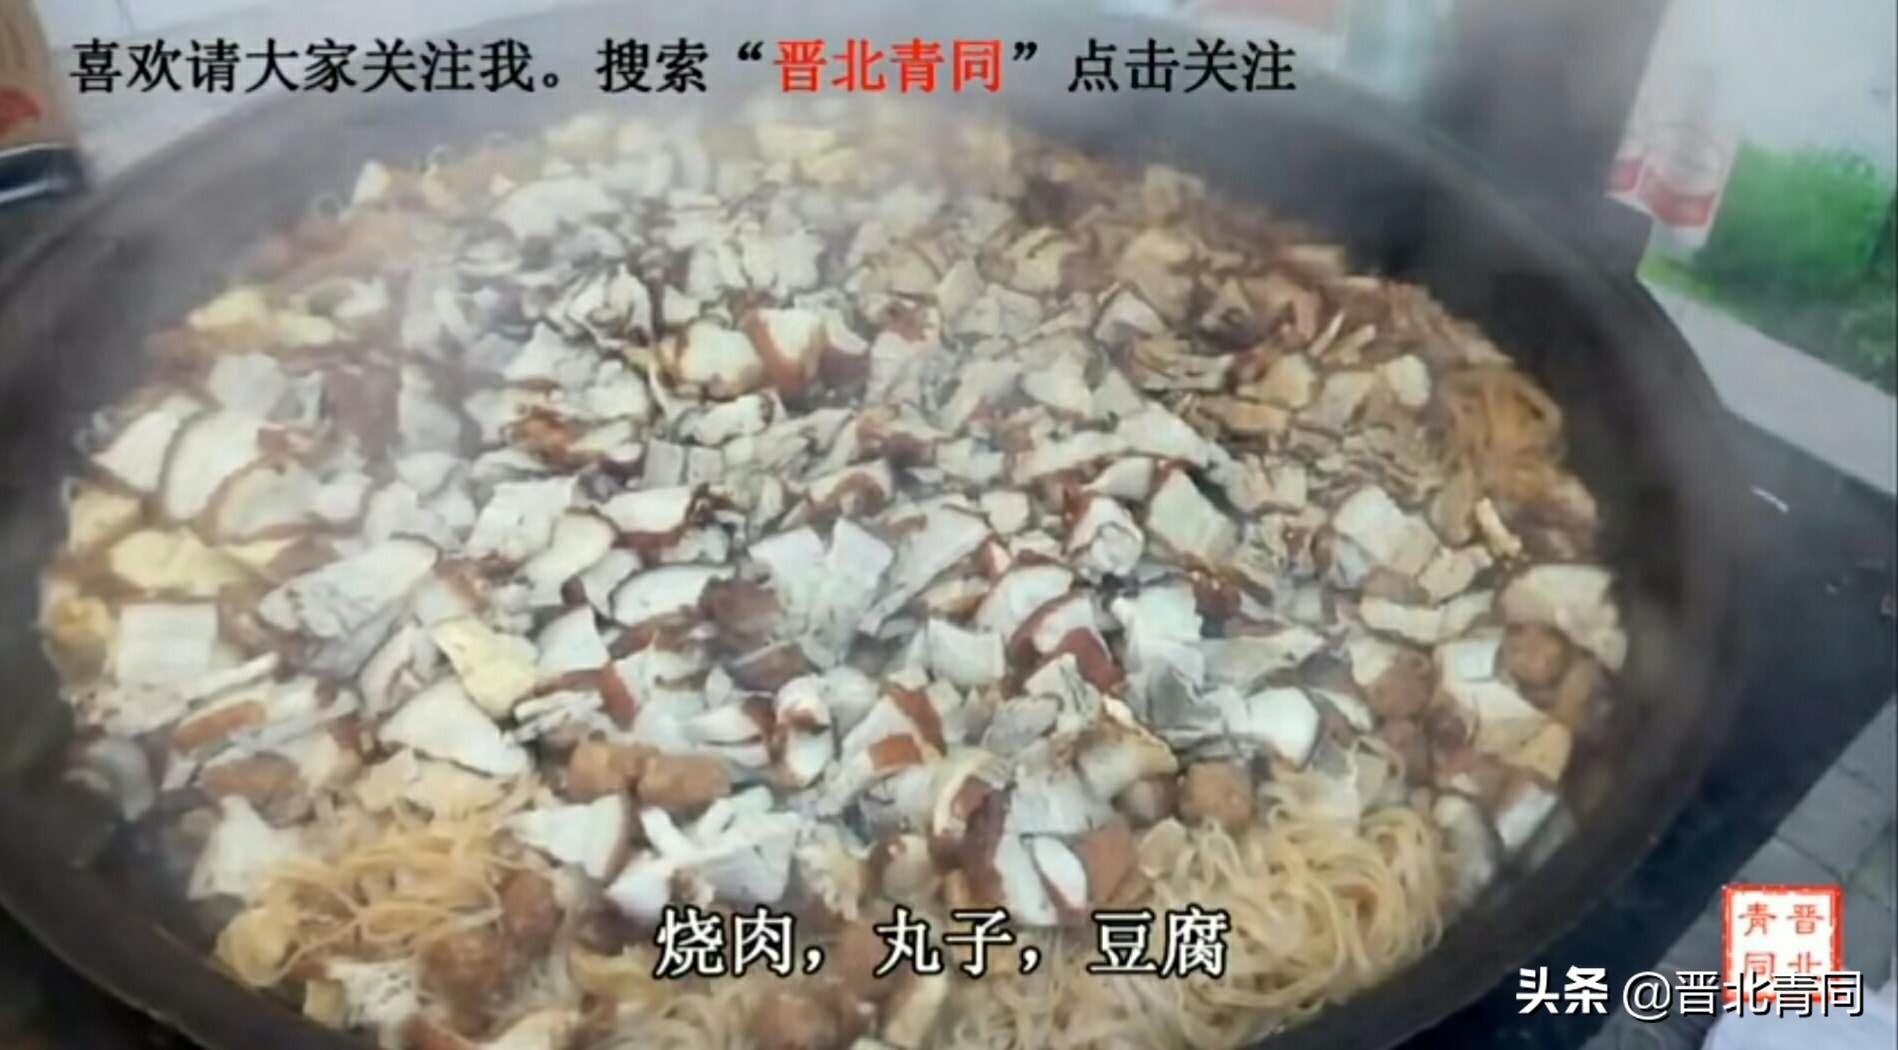 青同:山西原平大烩菜,做法你了解多少? 晋菜菜谱 第1张